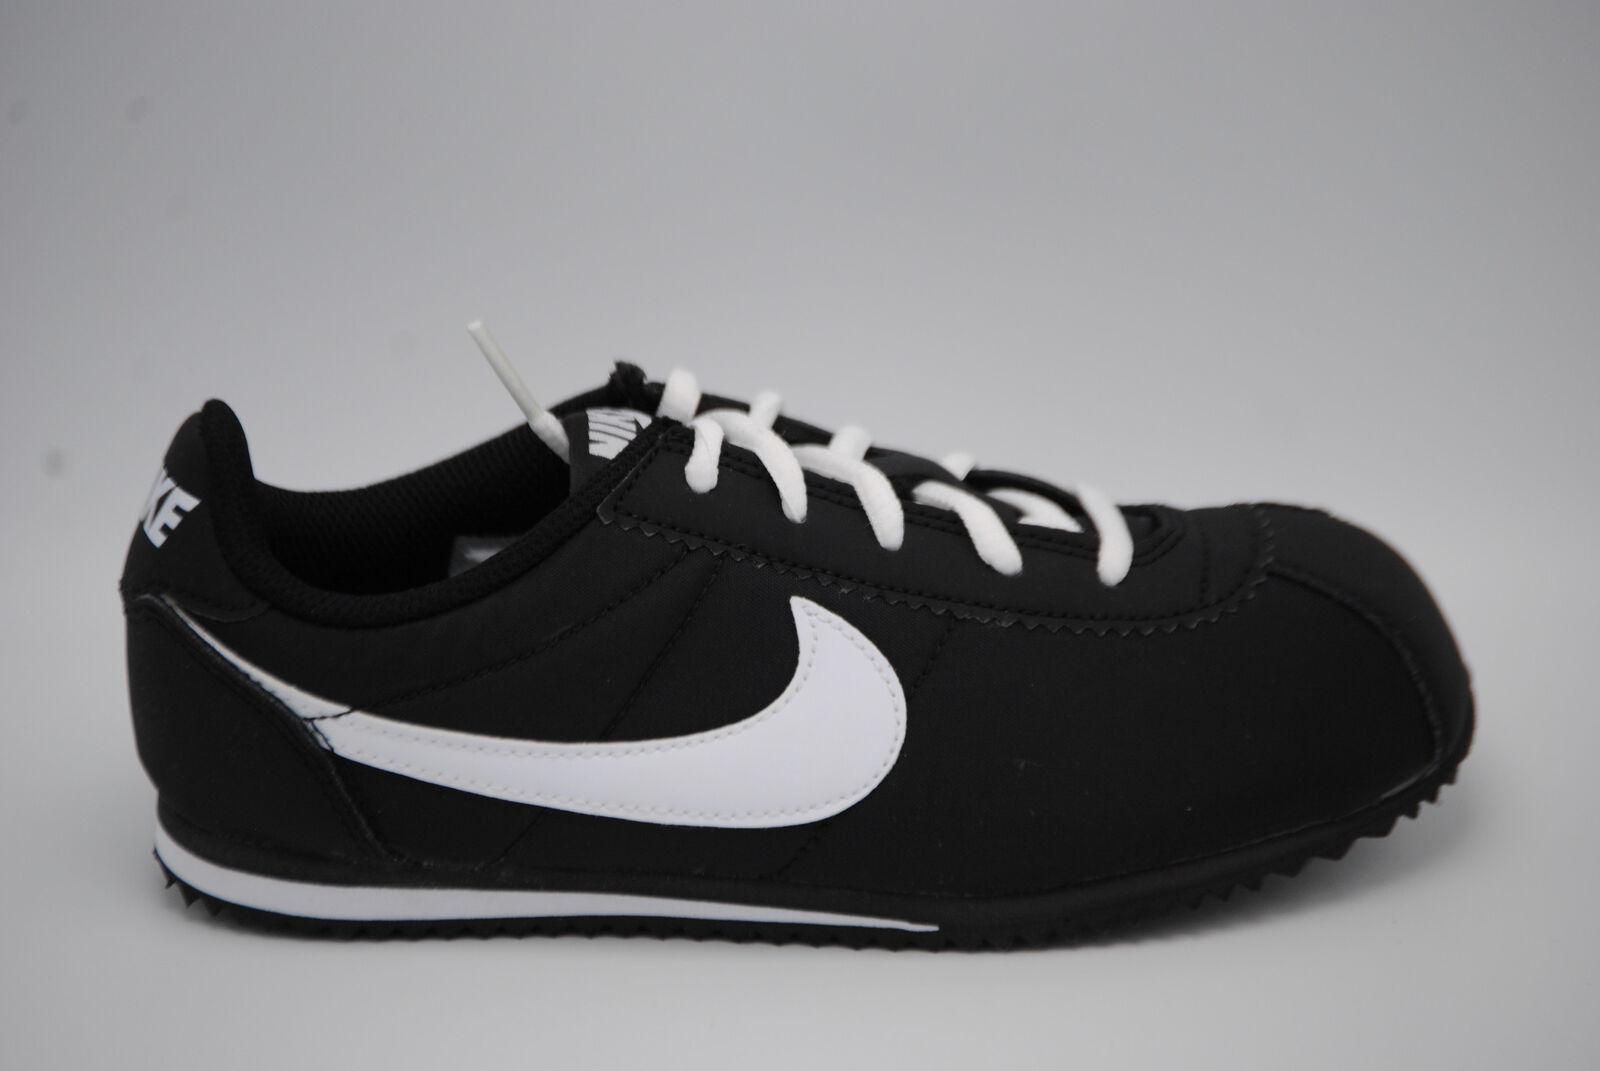 a8293a5e1167 Nike Cortez Nylon Preschool Boys Shoes Black white Size 1 for sale ...